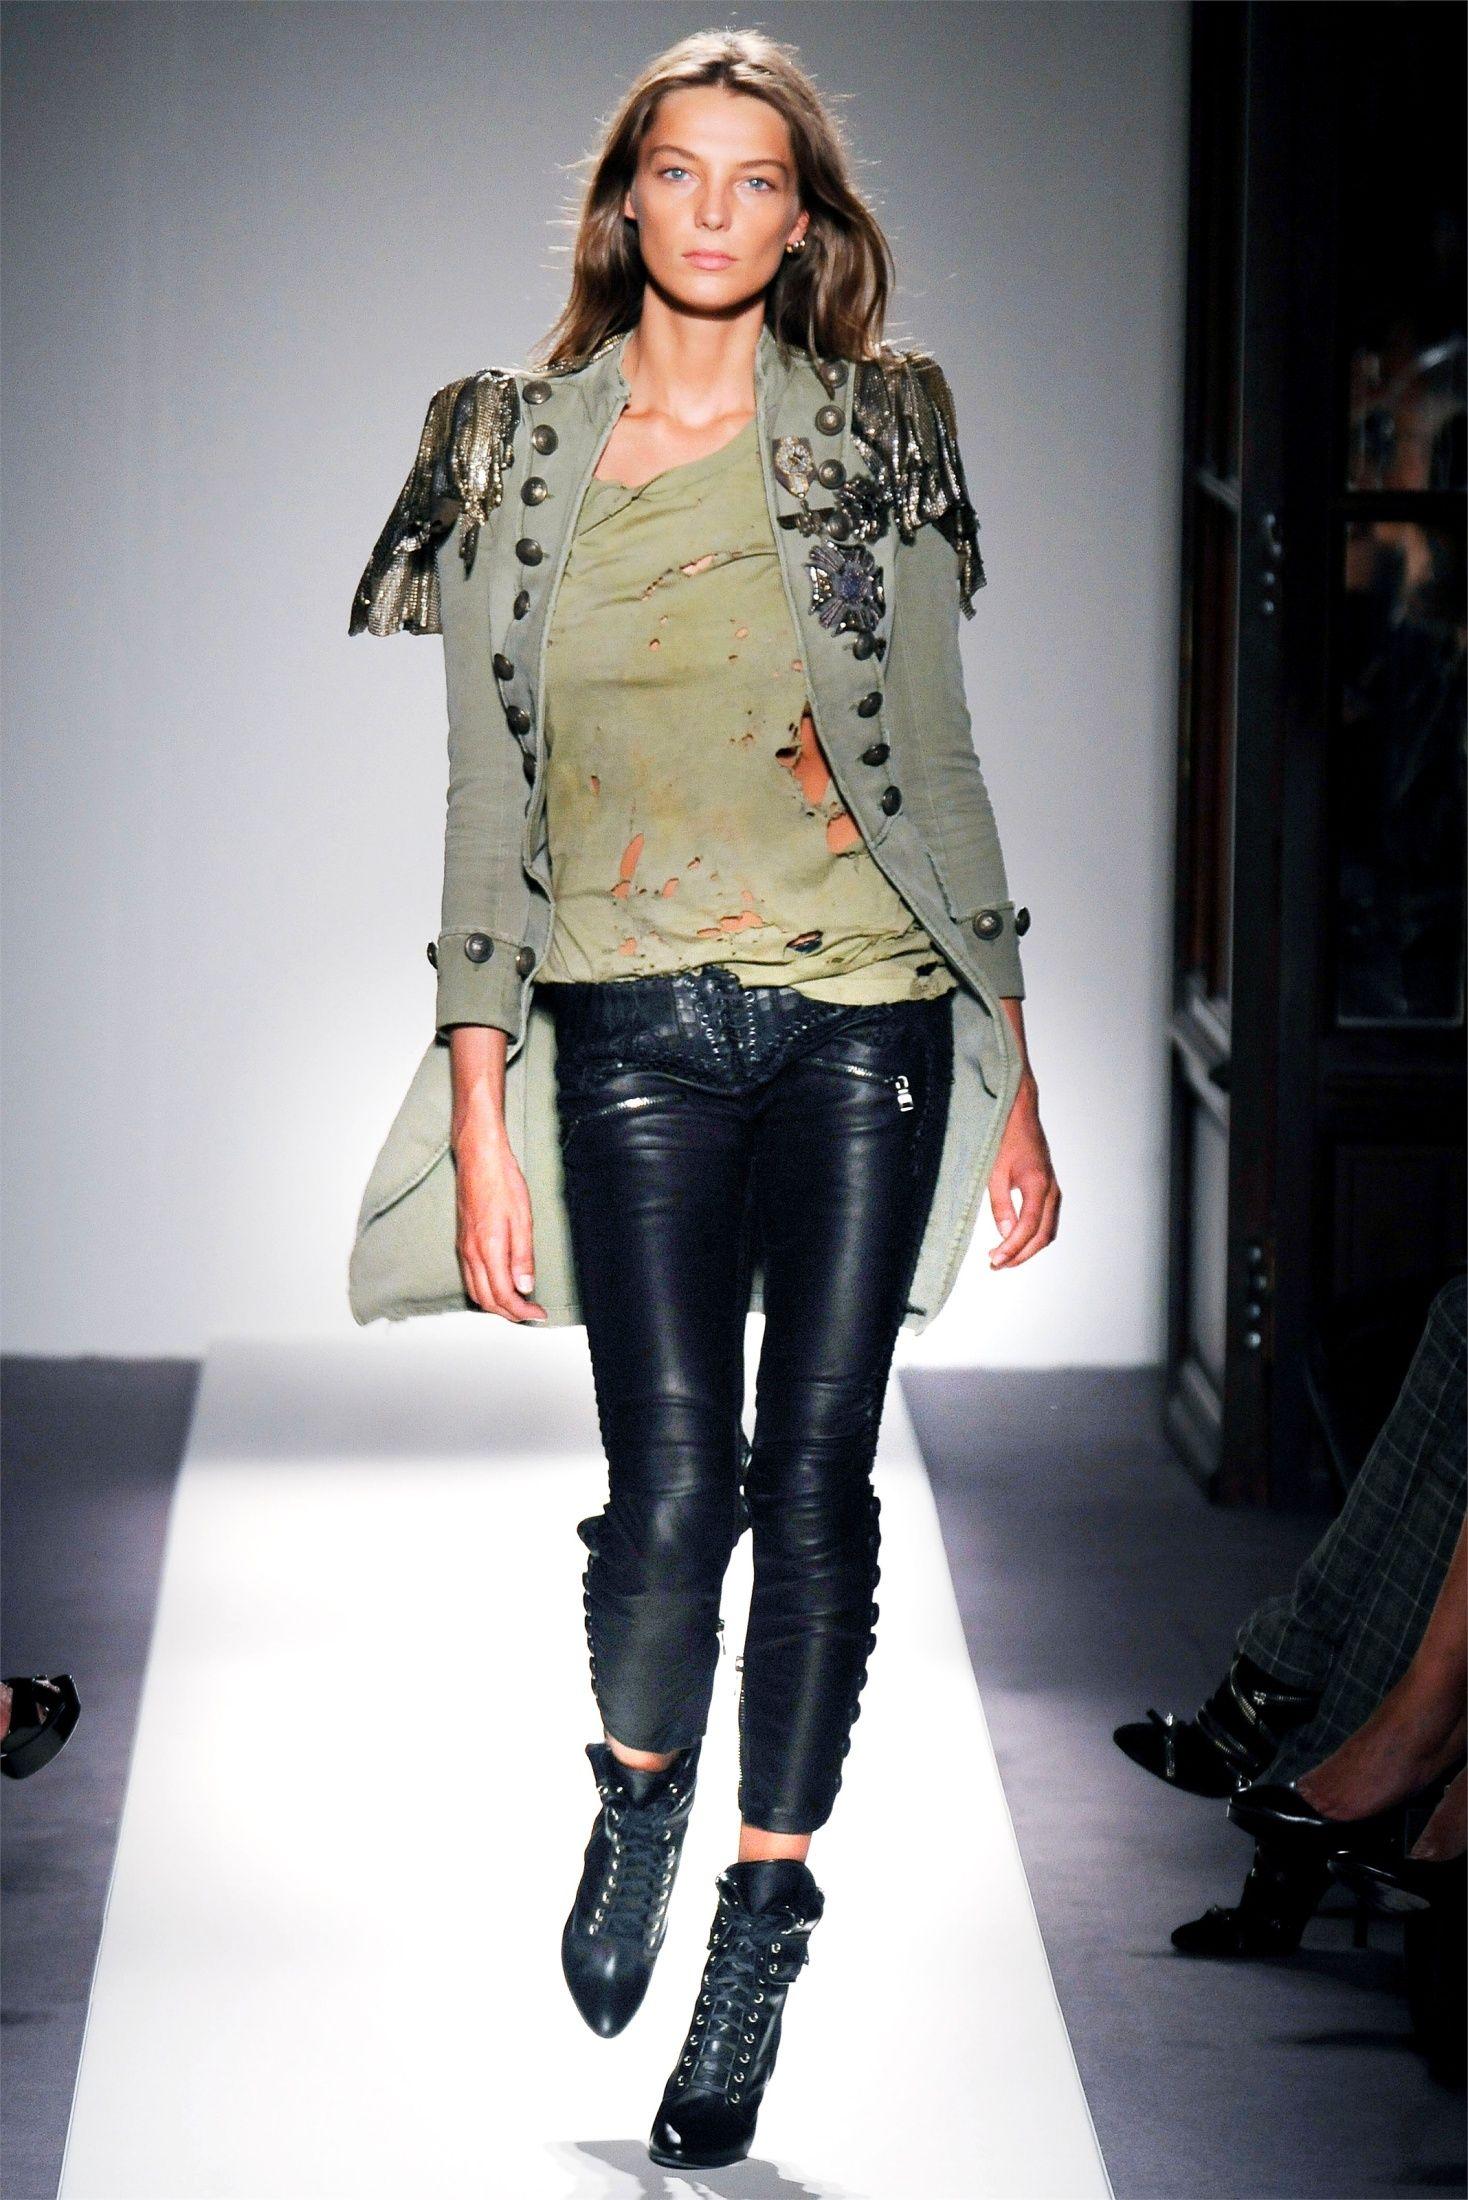 Daria Werbowy walking at Balmain #style #fashion #model #runway #army #military